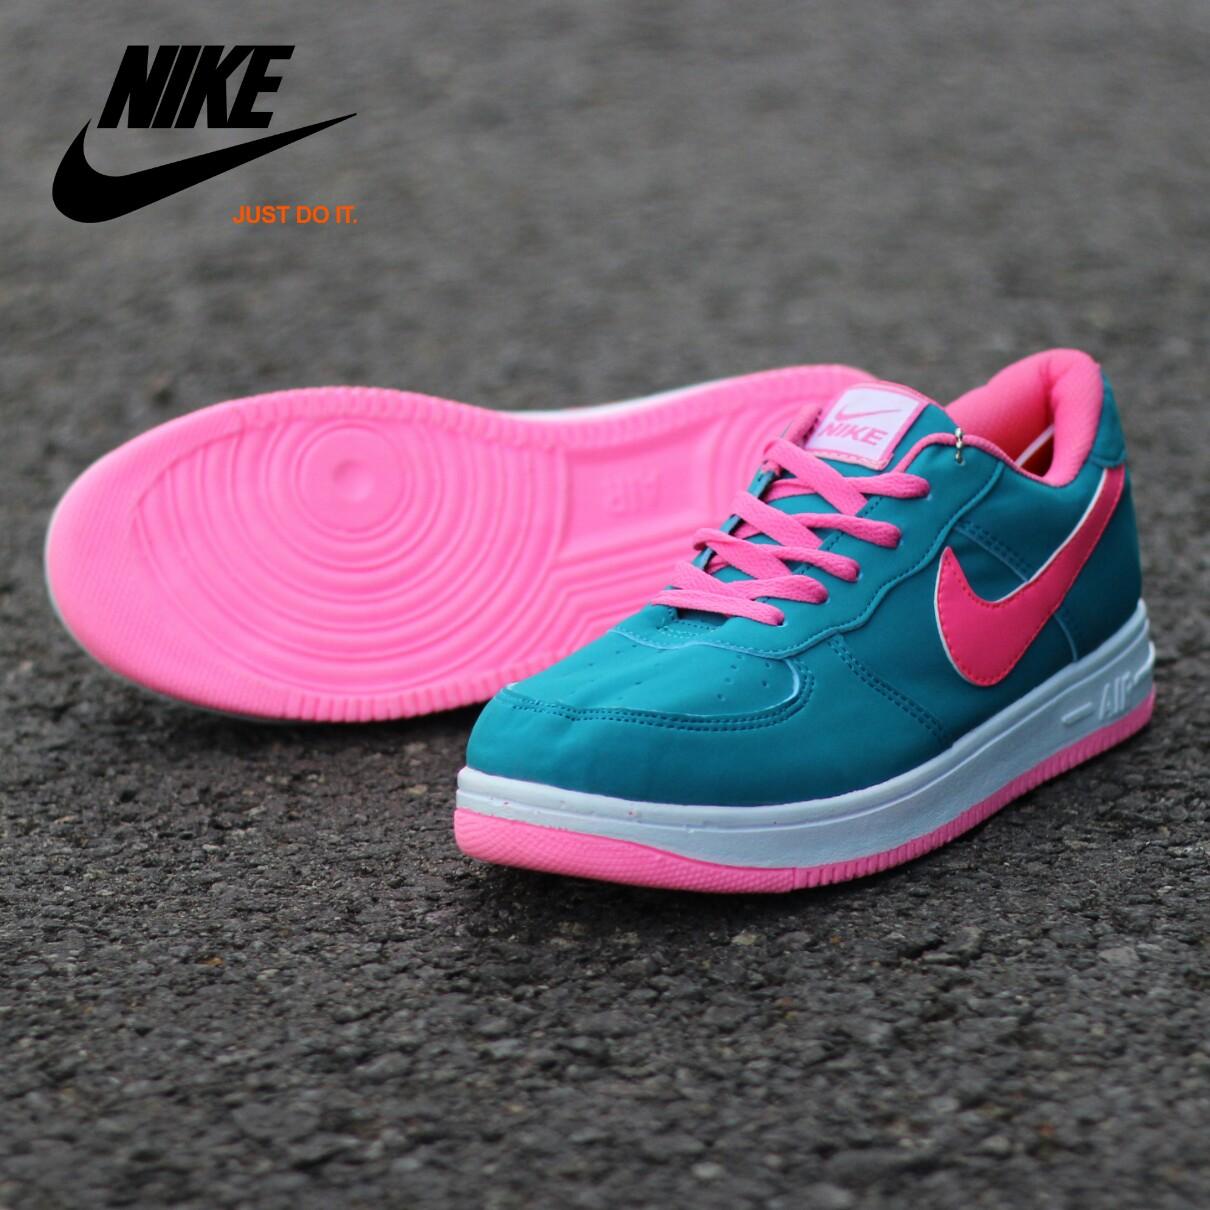 Jual Sepatu Nike Air Forne 1 women  Sepatu Sekolah Wanita  cewek ... c7a8db1e24